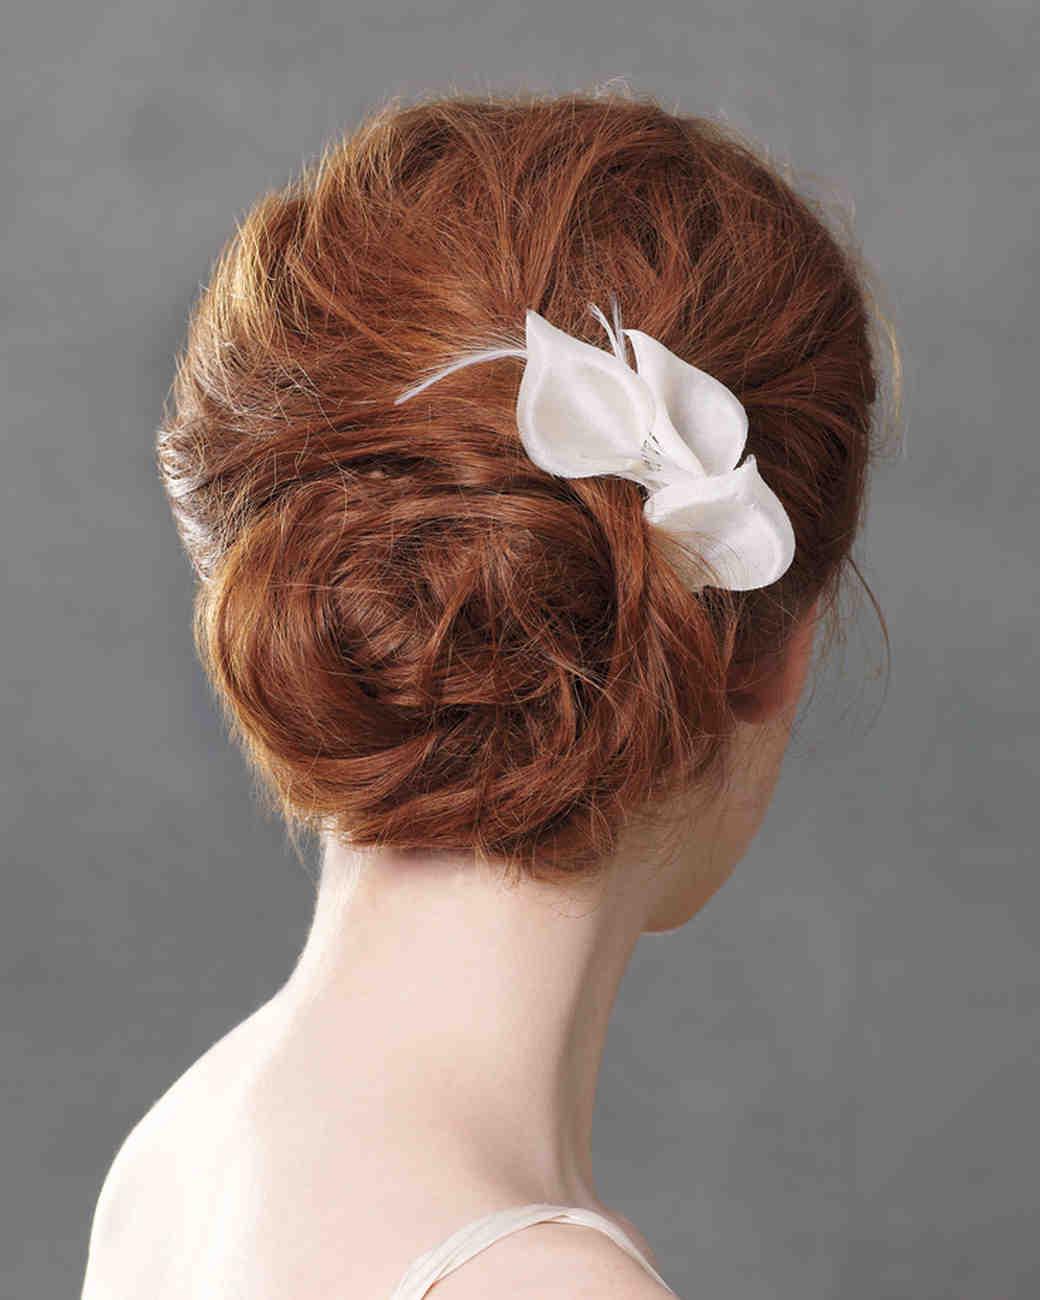 beauty-hair-g-mwd108909.jpg